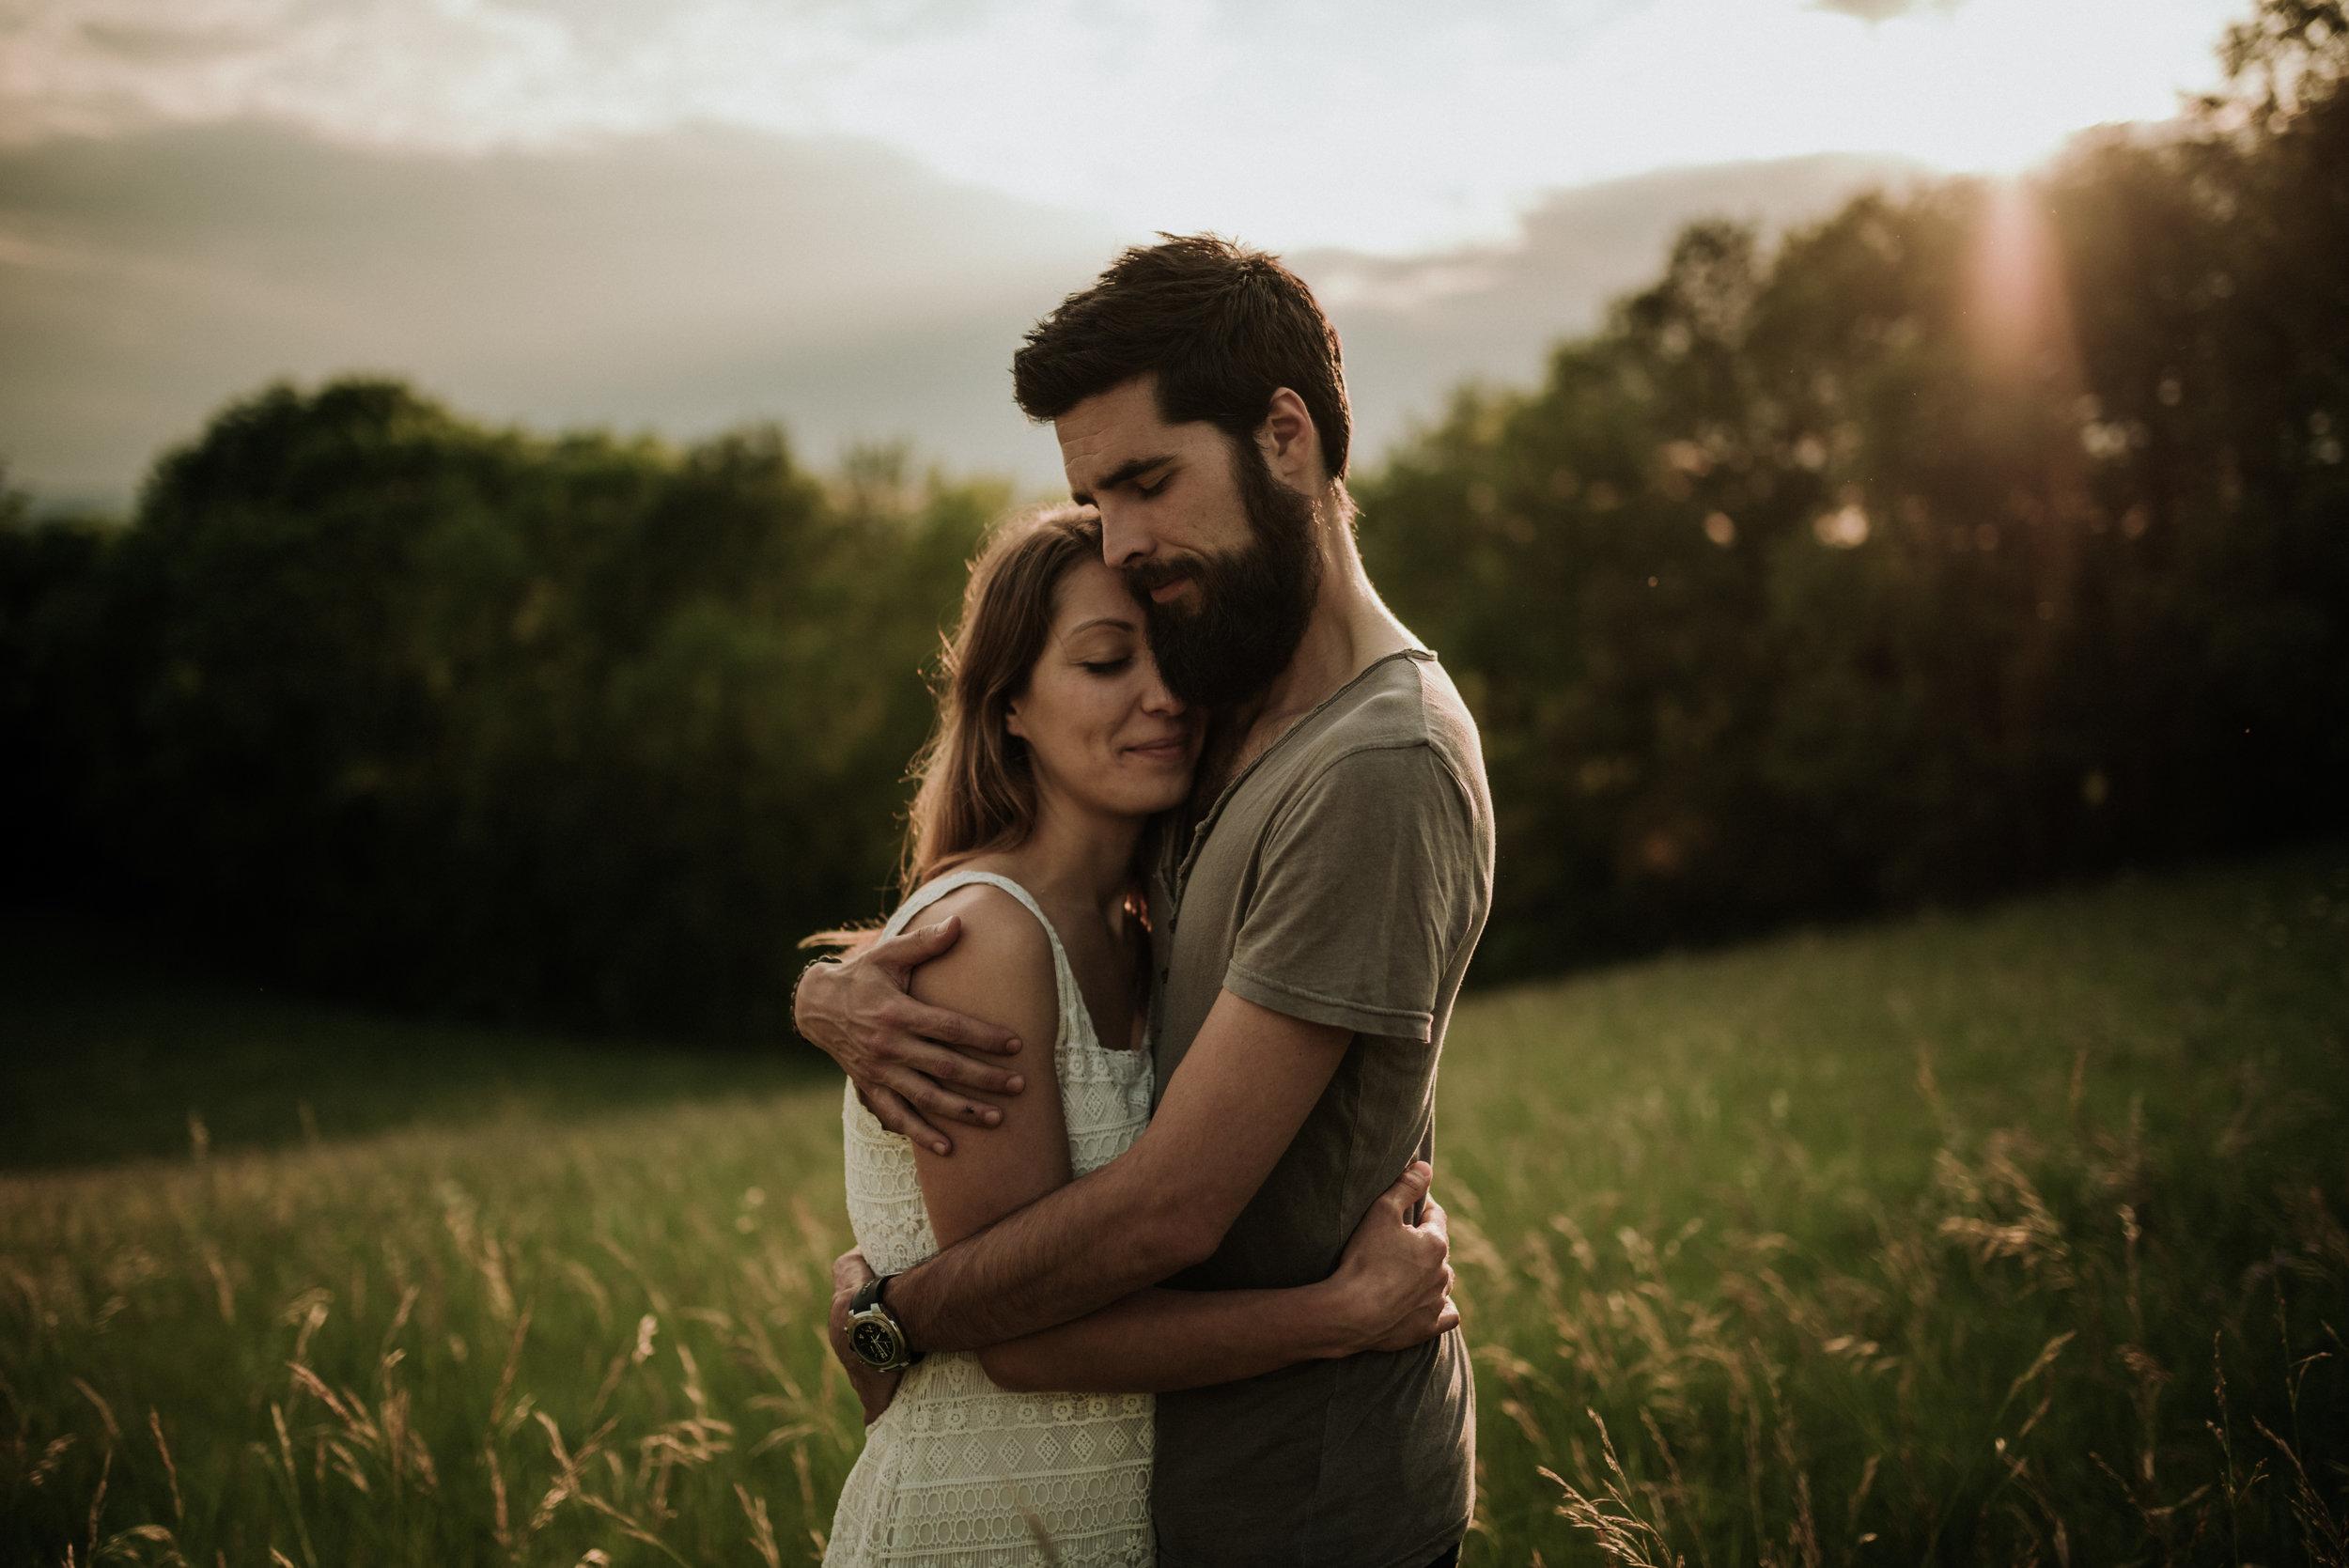 Léa-Fery-photographe-professionnel-lyon-rhone-alpes-portrait-creation-mariage-evenement-evenementiel-famille-0675.jpg